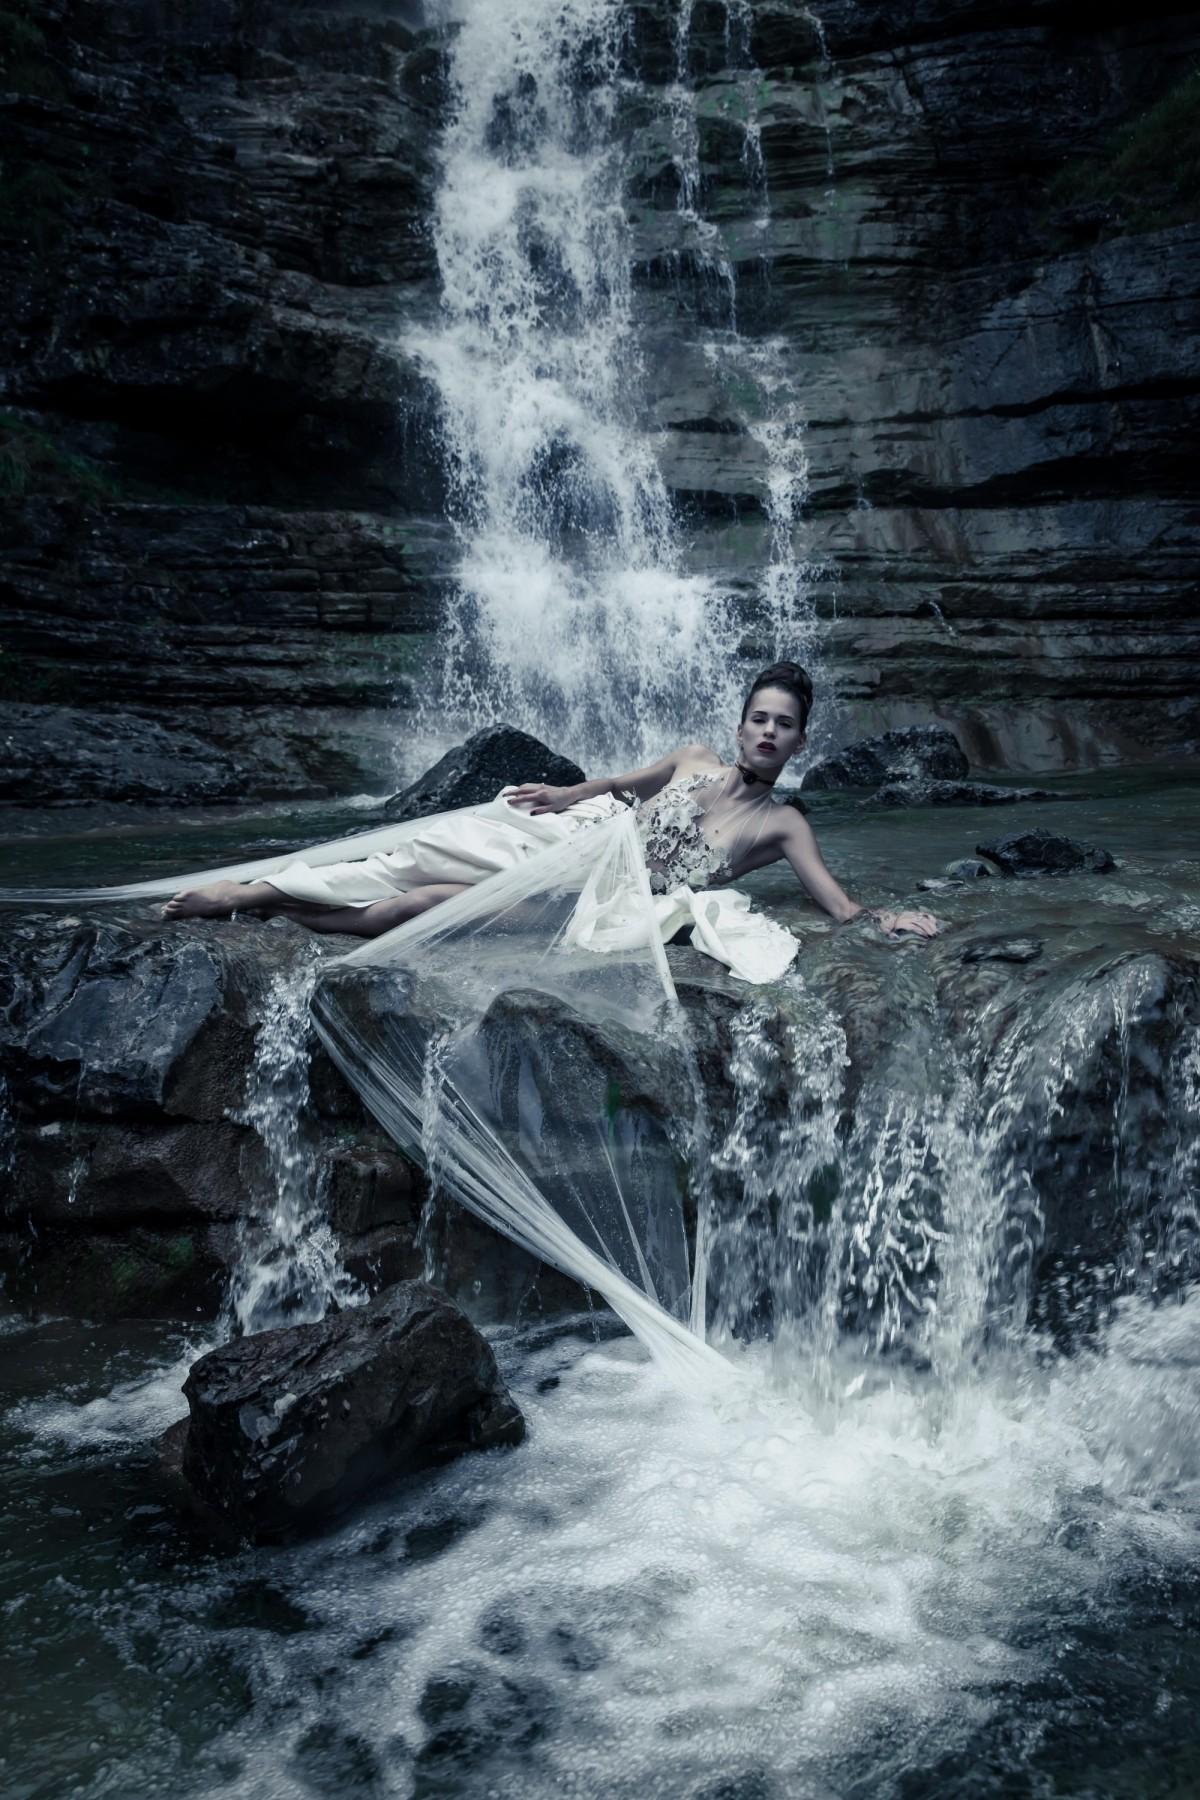 Waterfall8-e1453812099836.jpg